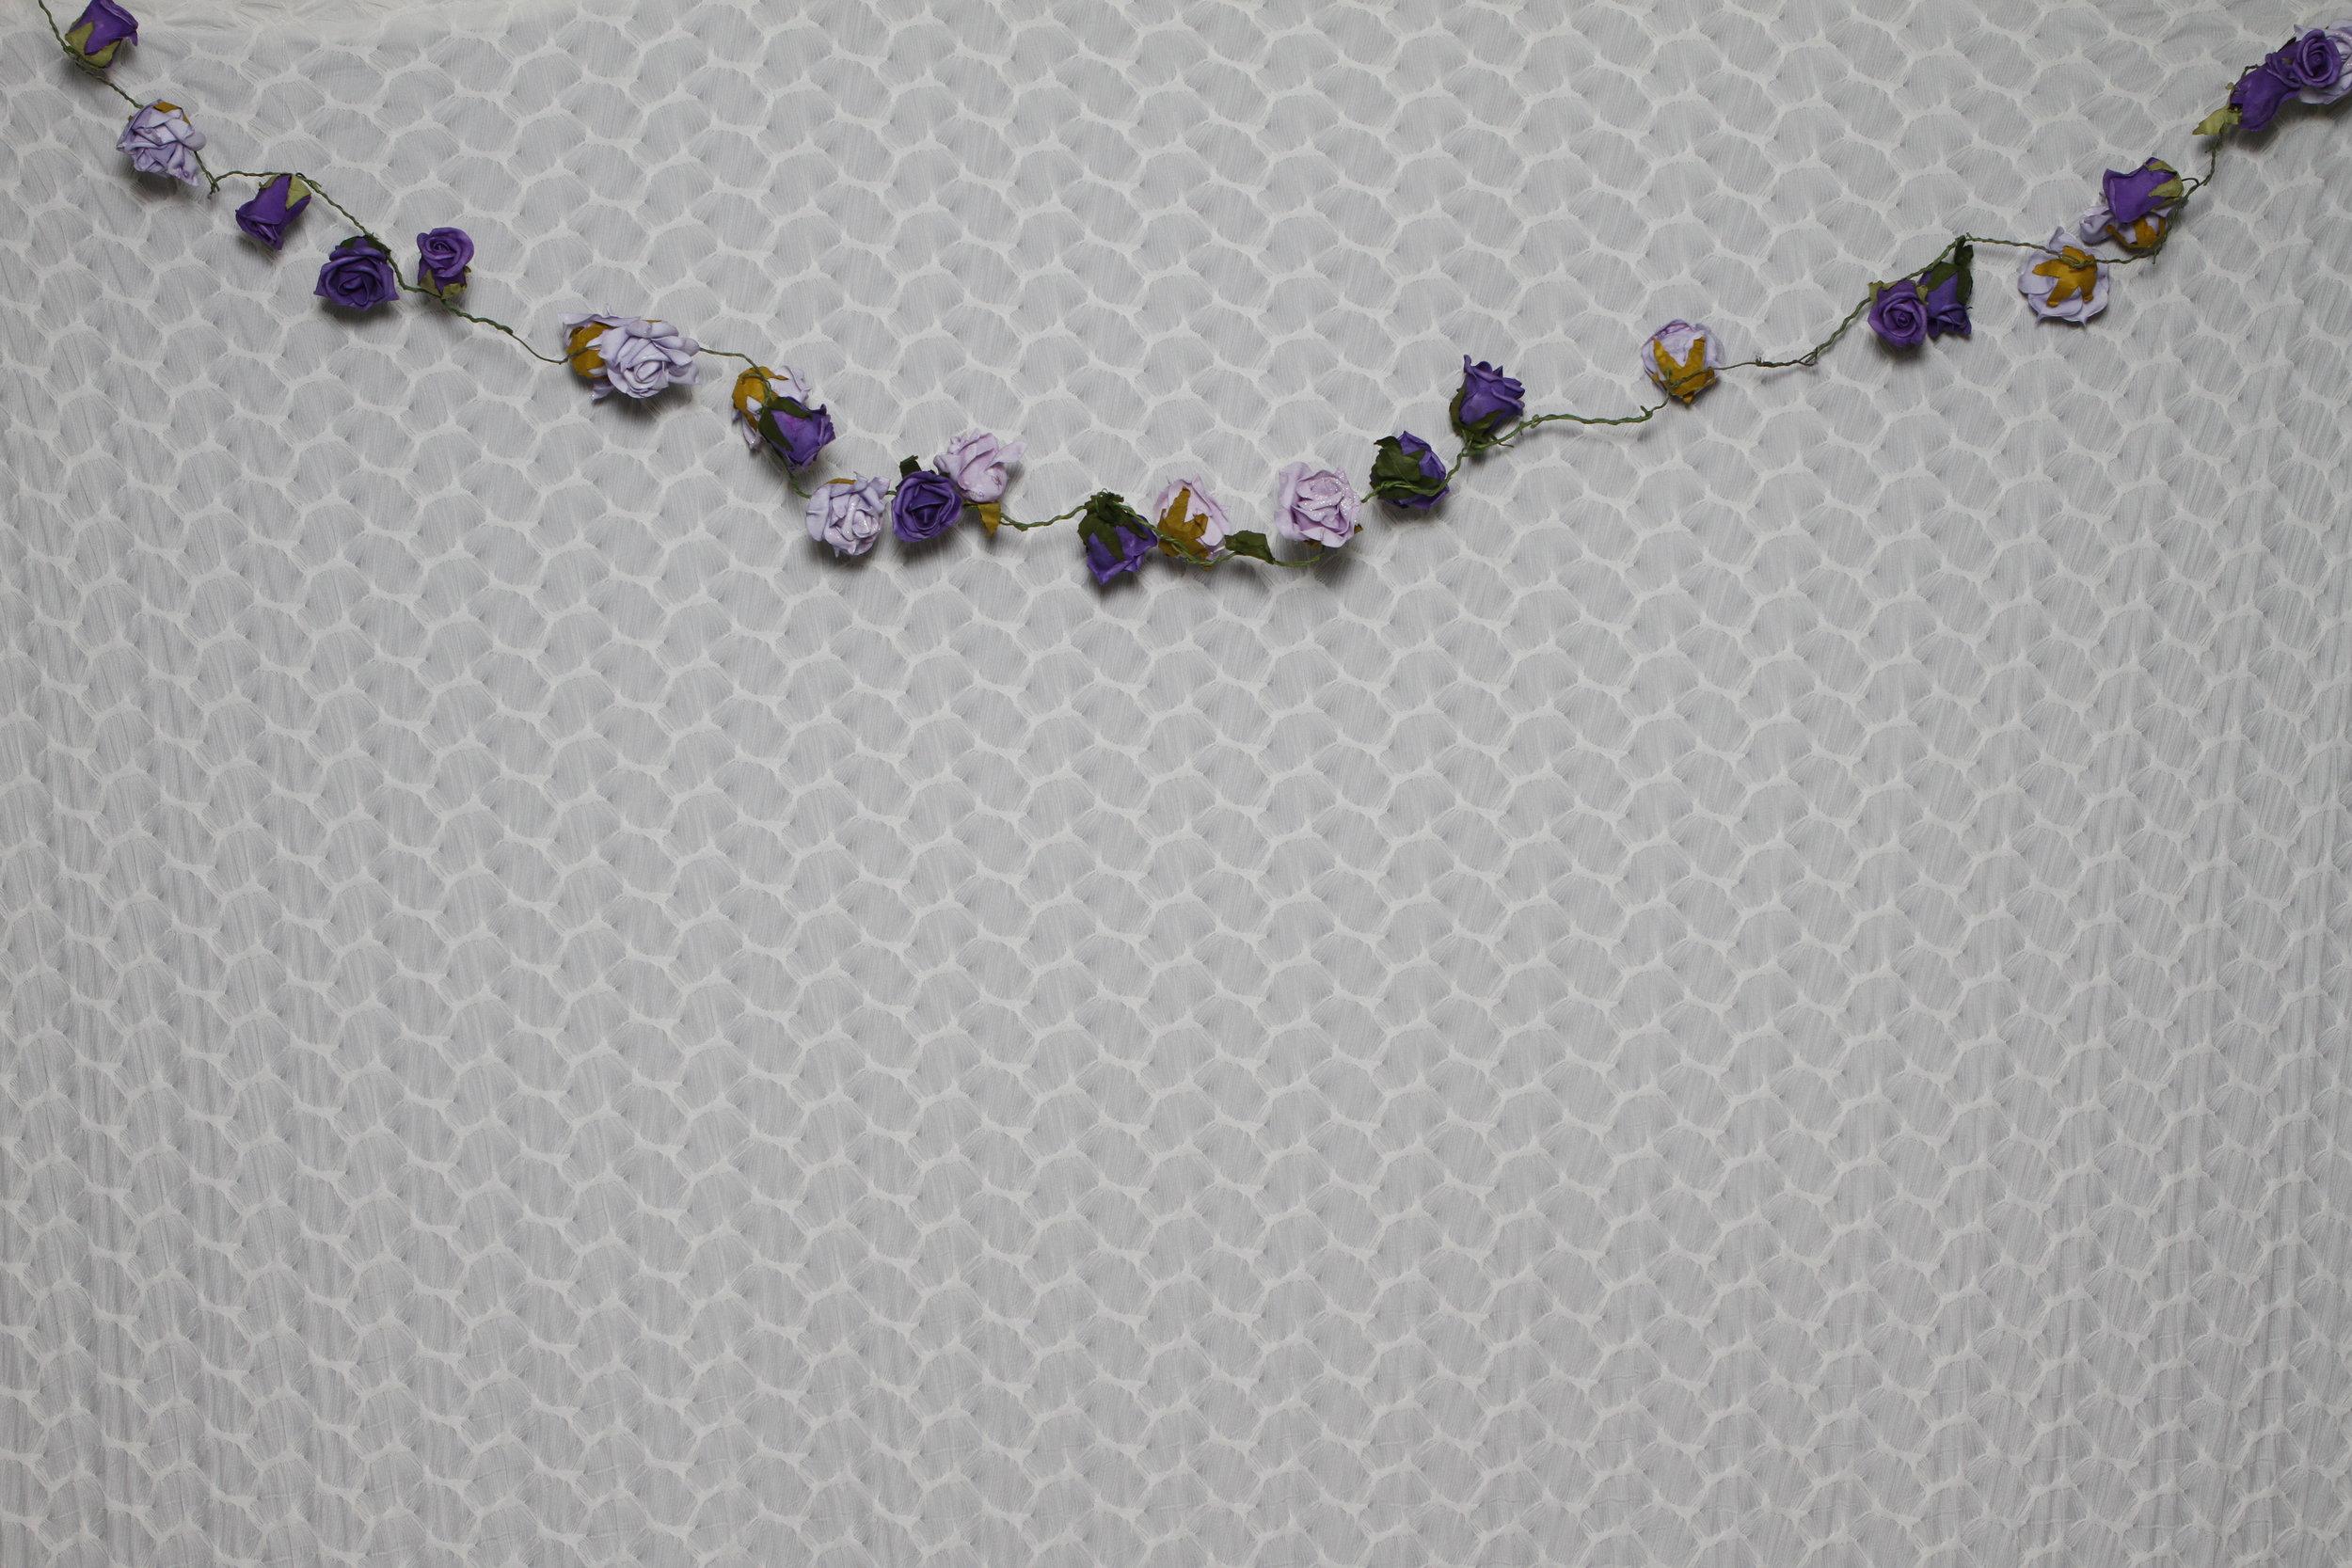 White Ruffles Purple flowers